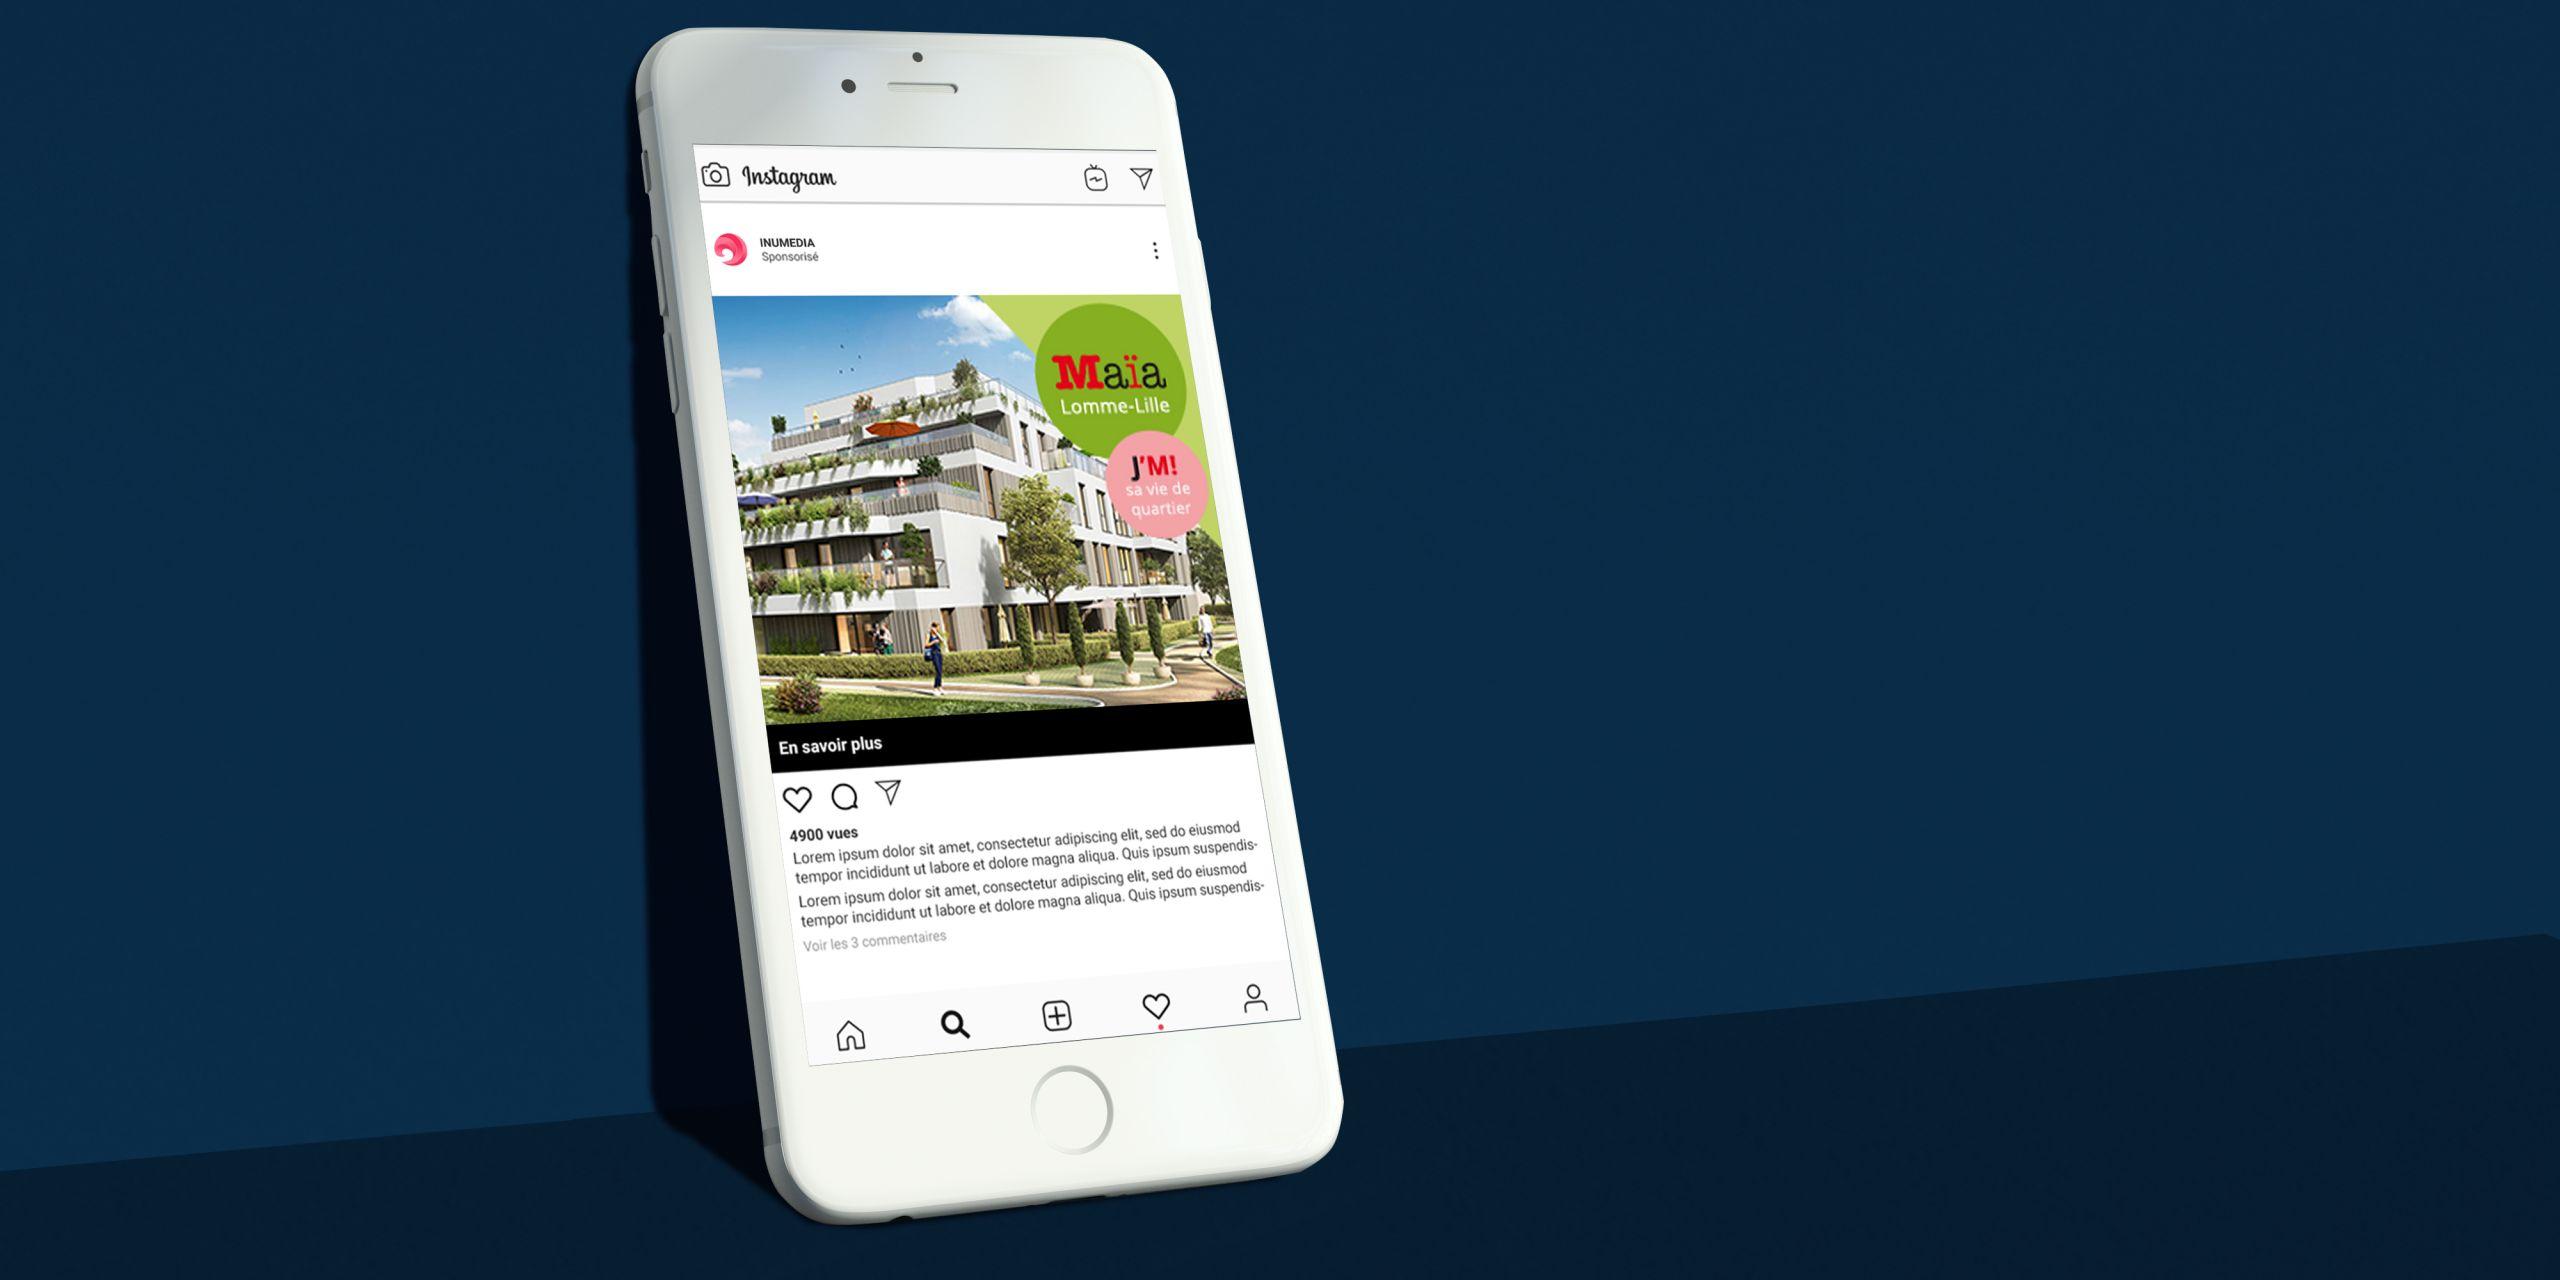 Inu Média projet immobilier conception de bannières adwords animées